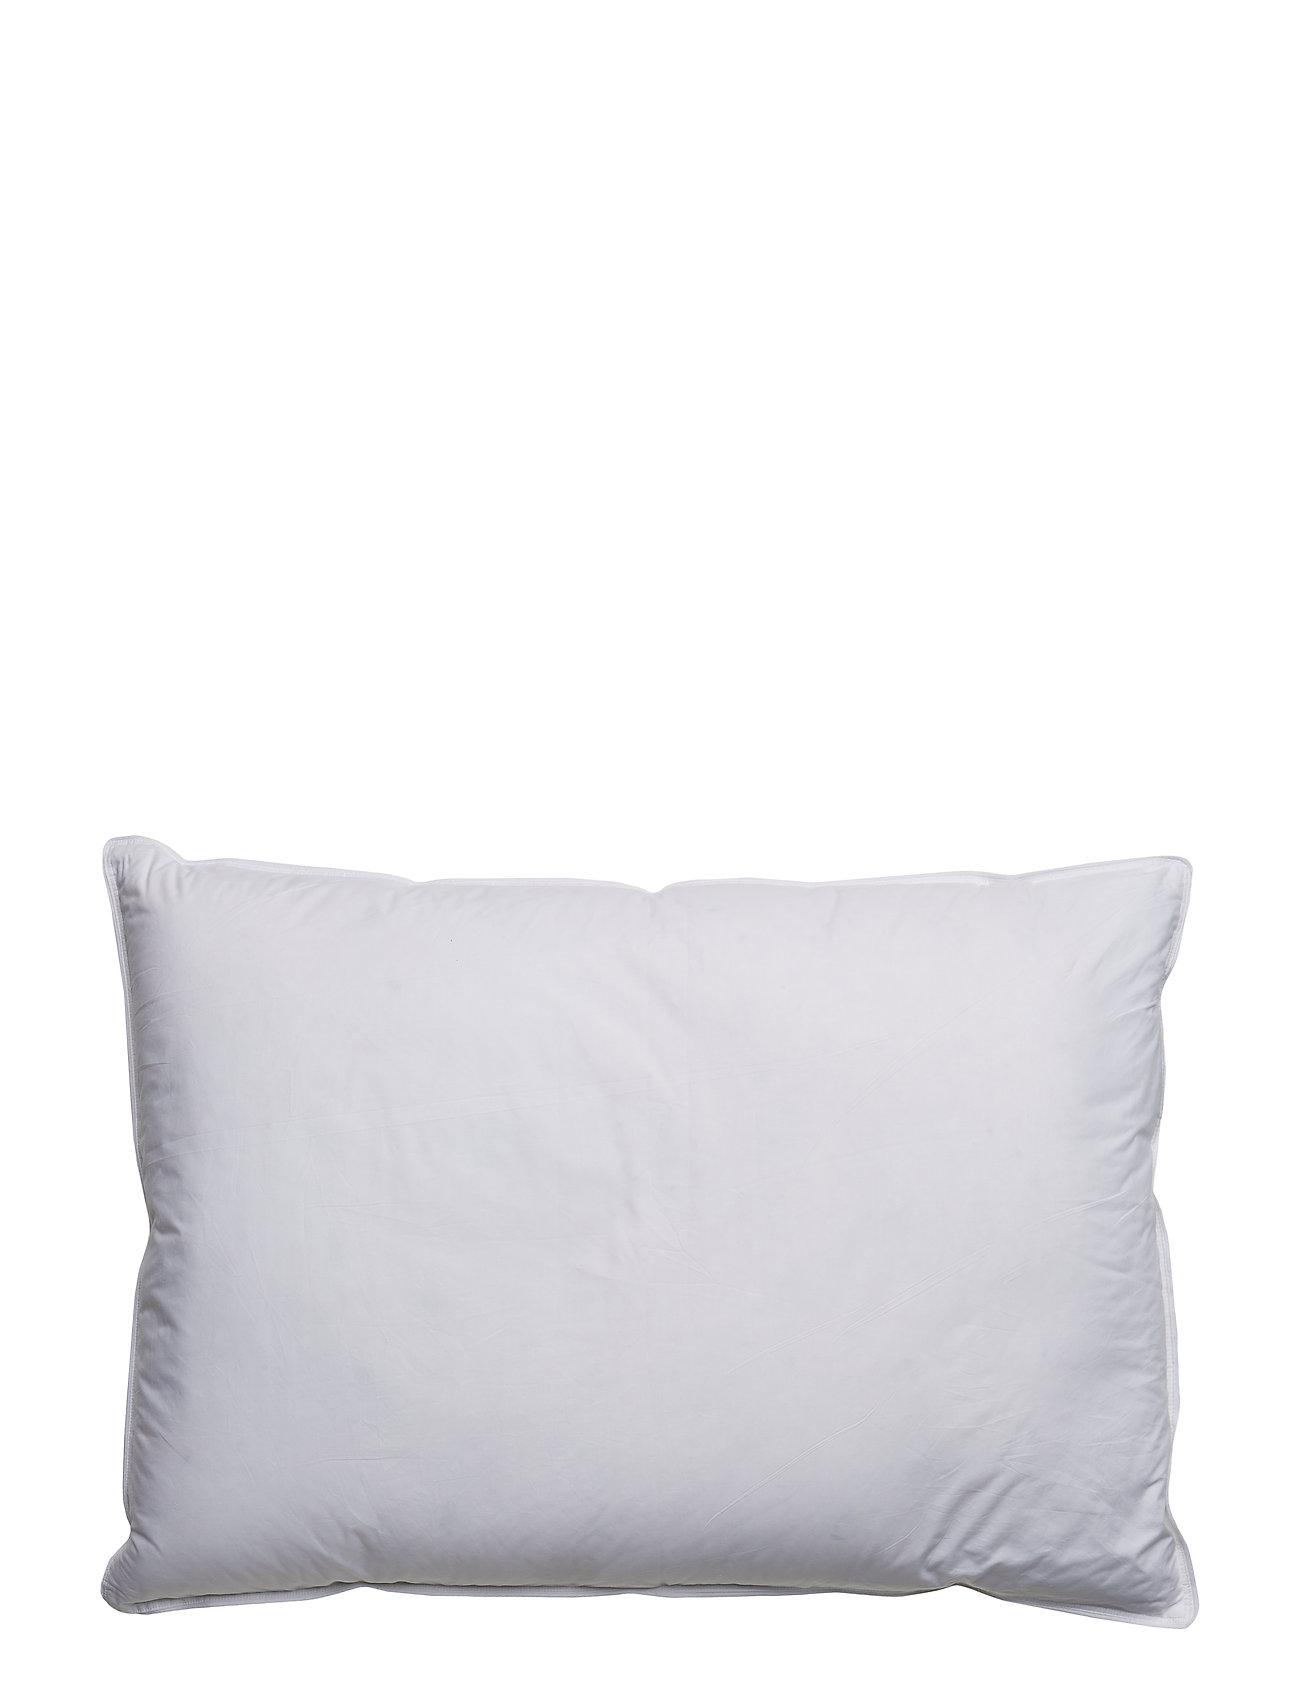 Quilts of Denmark Nænsom Medium 3 chamber pillow - WHITE